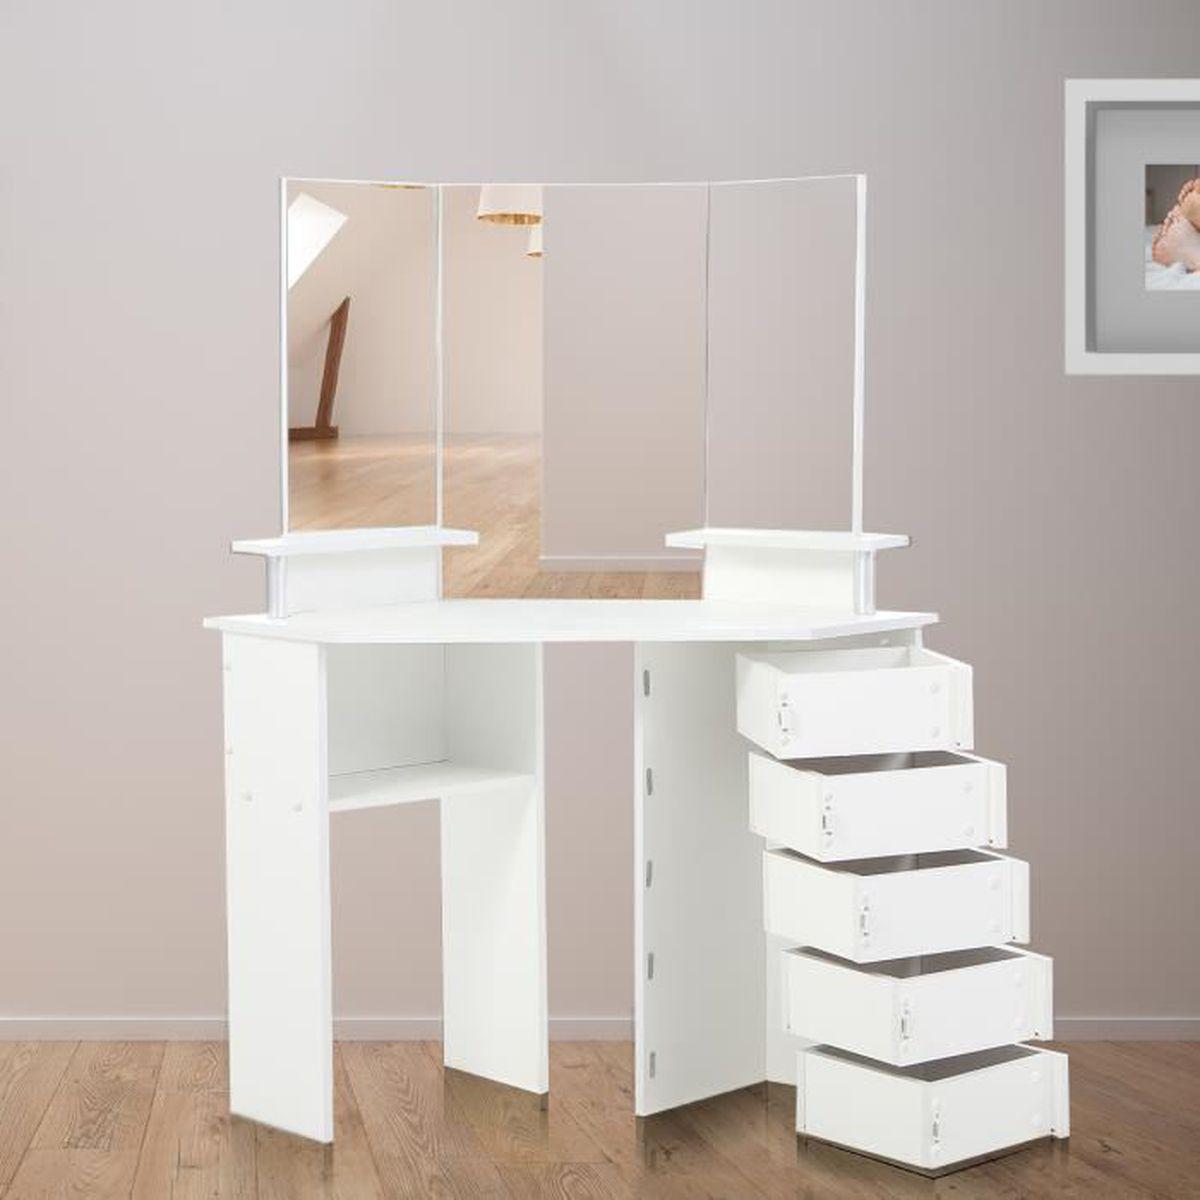 Commode avec miroir chambre - Achat / Vente pas cher